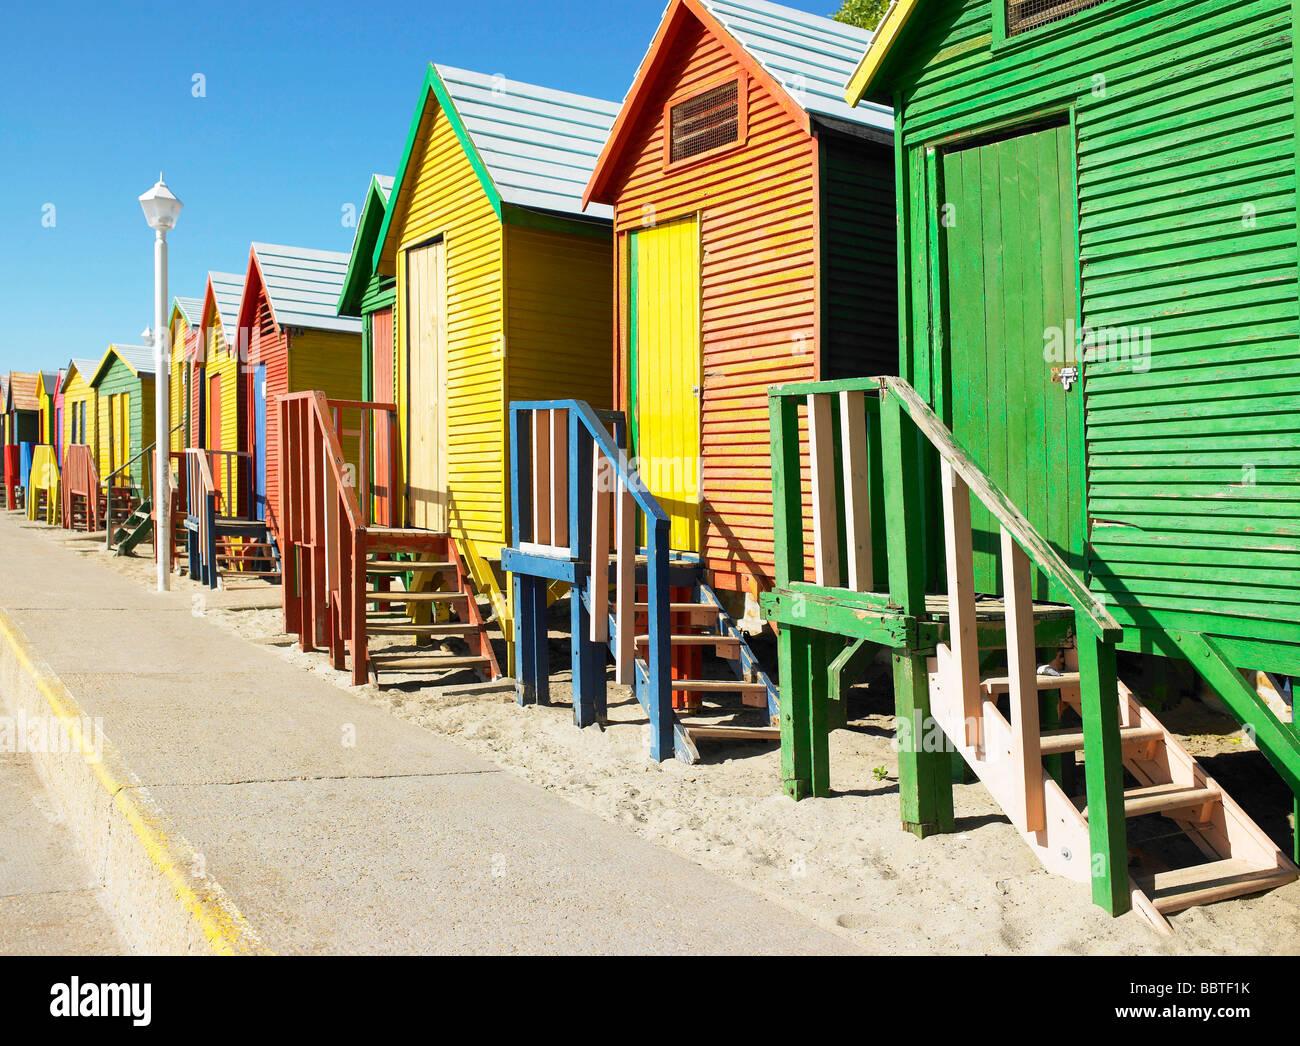 Fila di cabine sulla spiaggia, in colori luminosi Immagini Stock